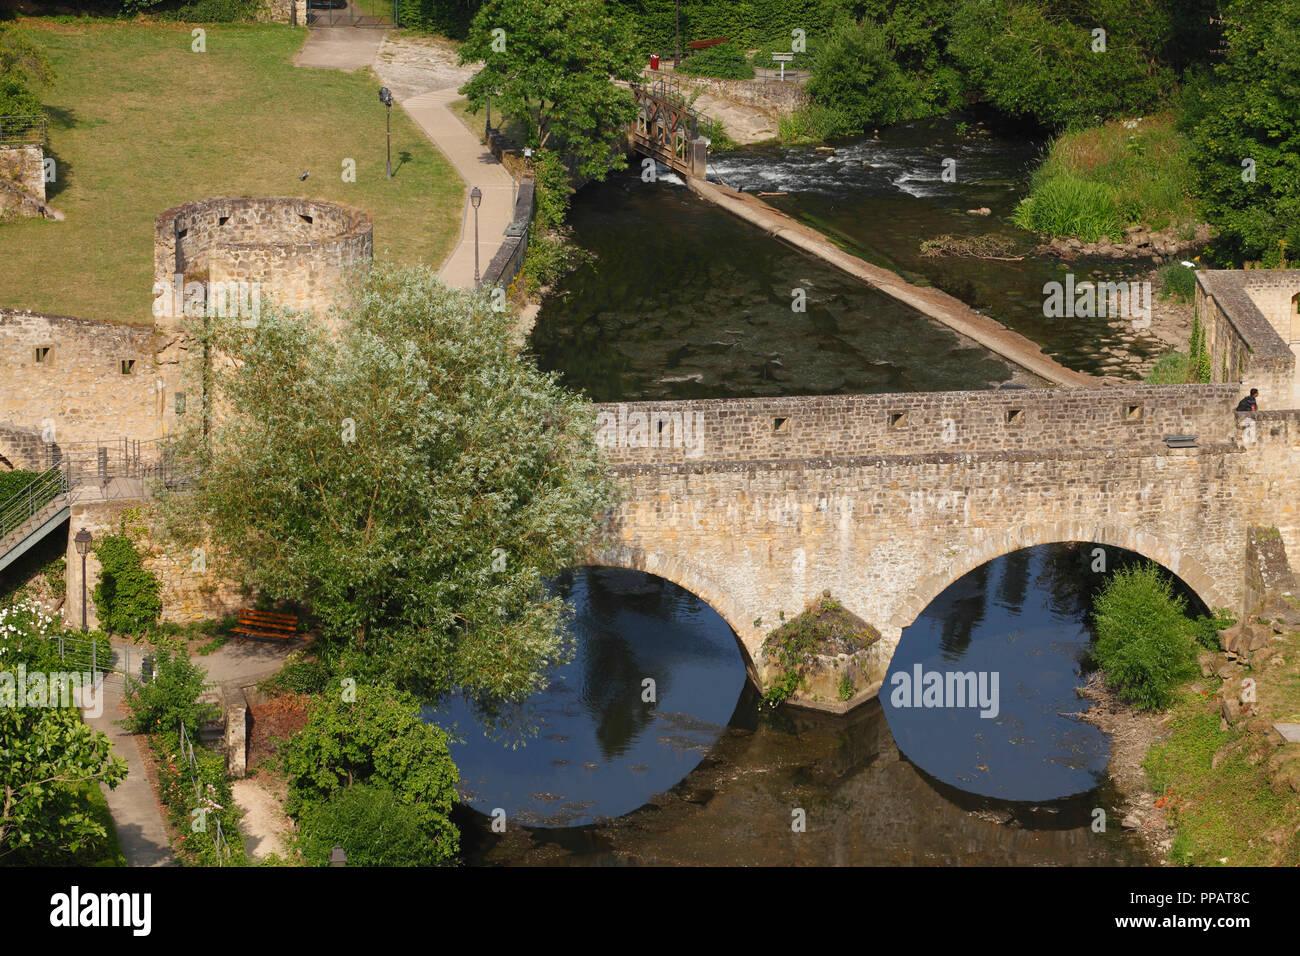 Taurus Brücke, Stadtmauer und Alzette, Luxembourg City, Luxemburg, Europa ich Brücke Stierchen, Stadtmauer und Fluss Alzette, Luxemburg-Stadt, L Stockfoto